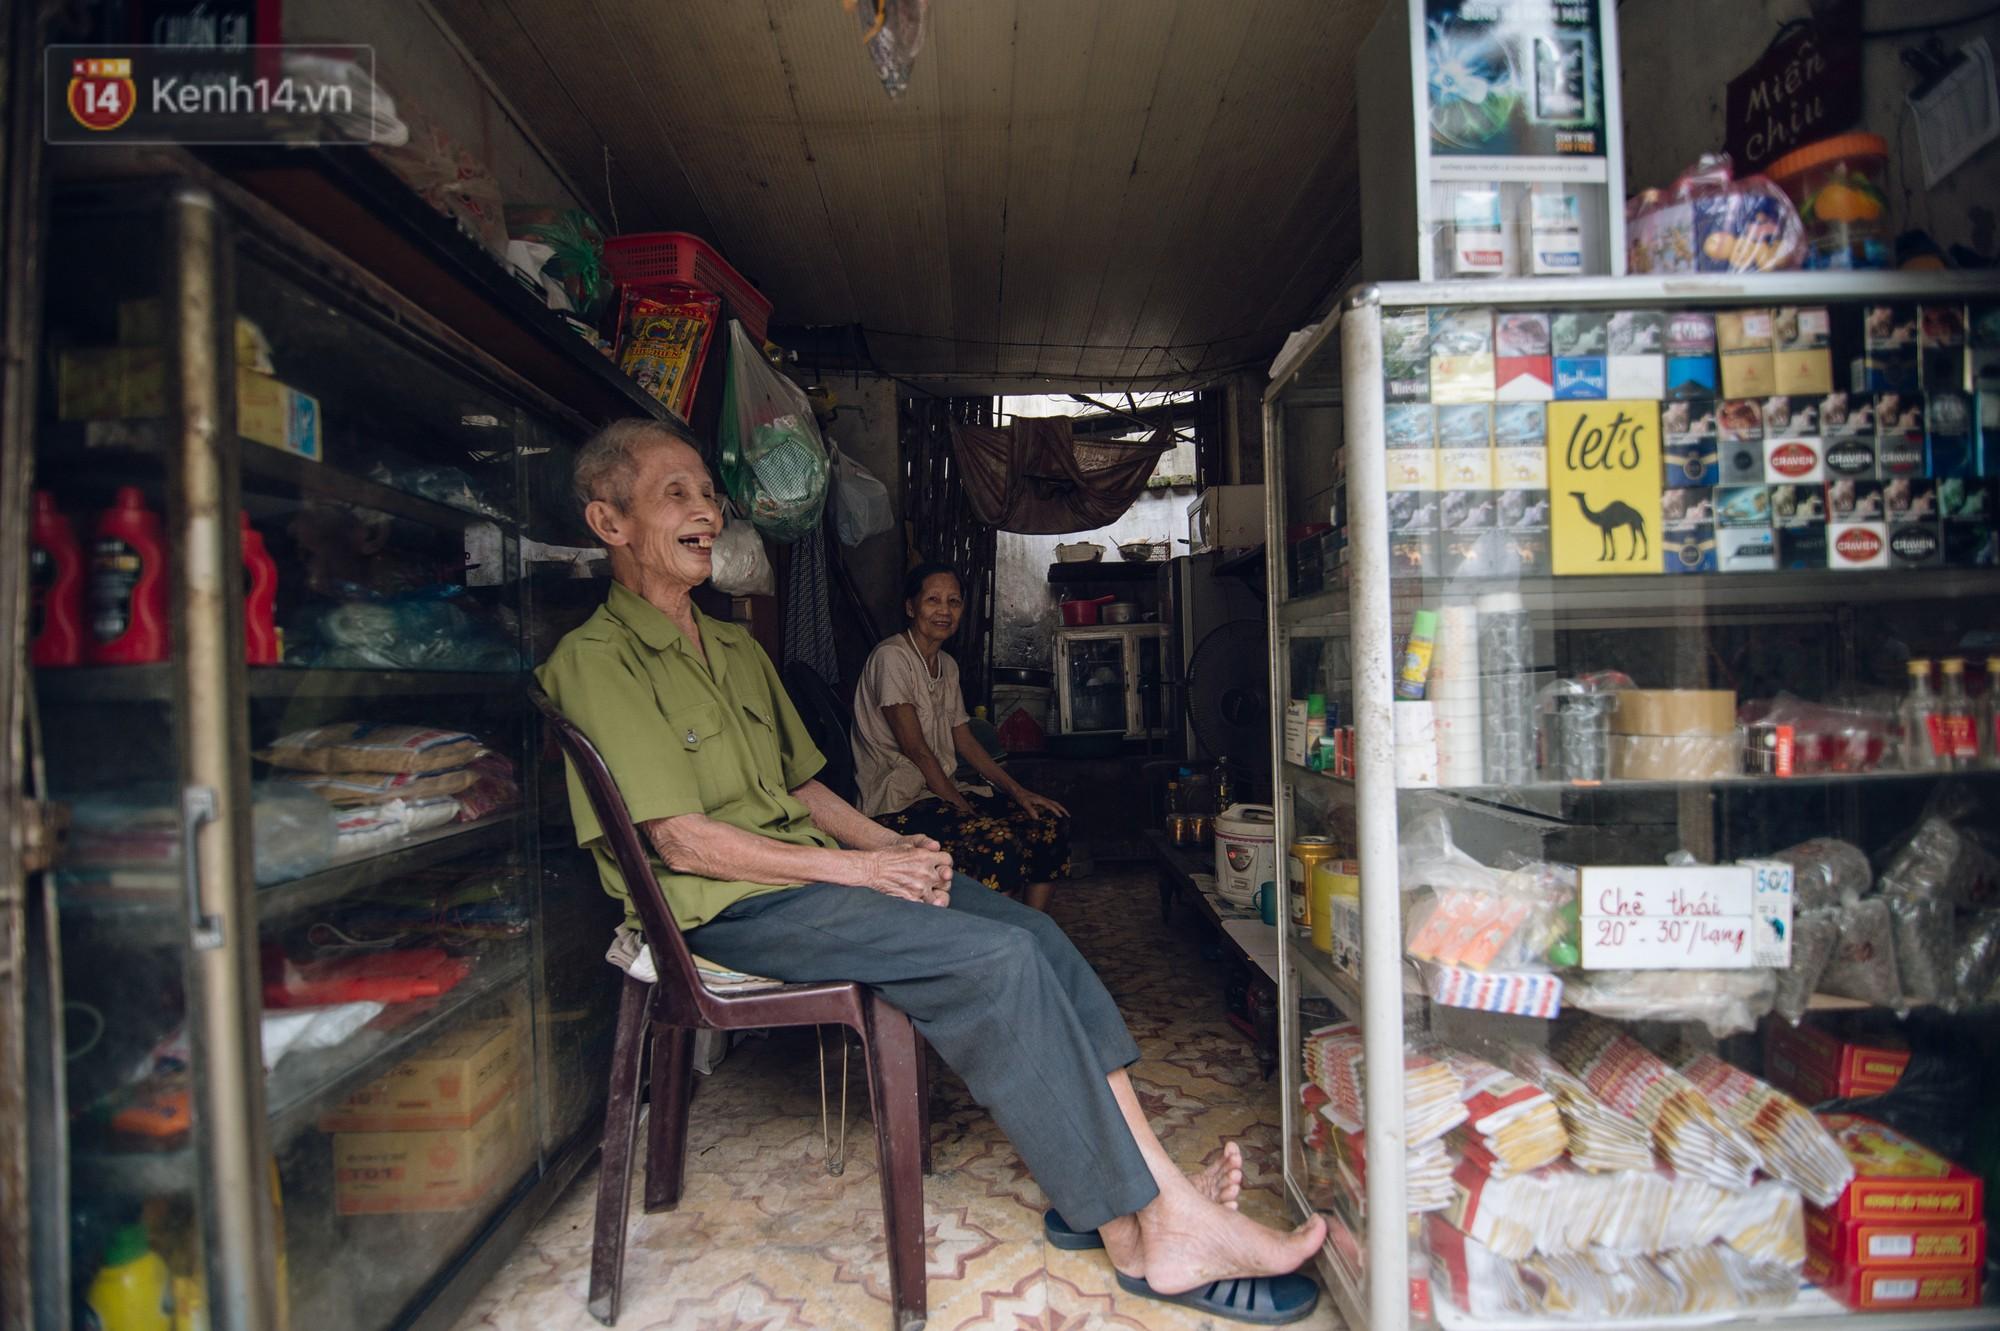 Chuyện về một con phố có nhiều cổng làng nhất Hà Nội: Đưa chân qua cổng phải tôn trọng nếp làng - Ảnh 13.